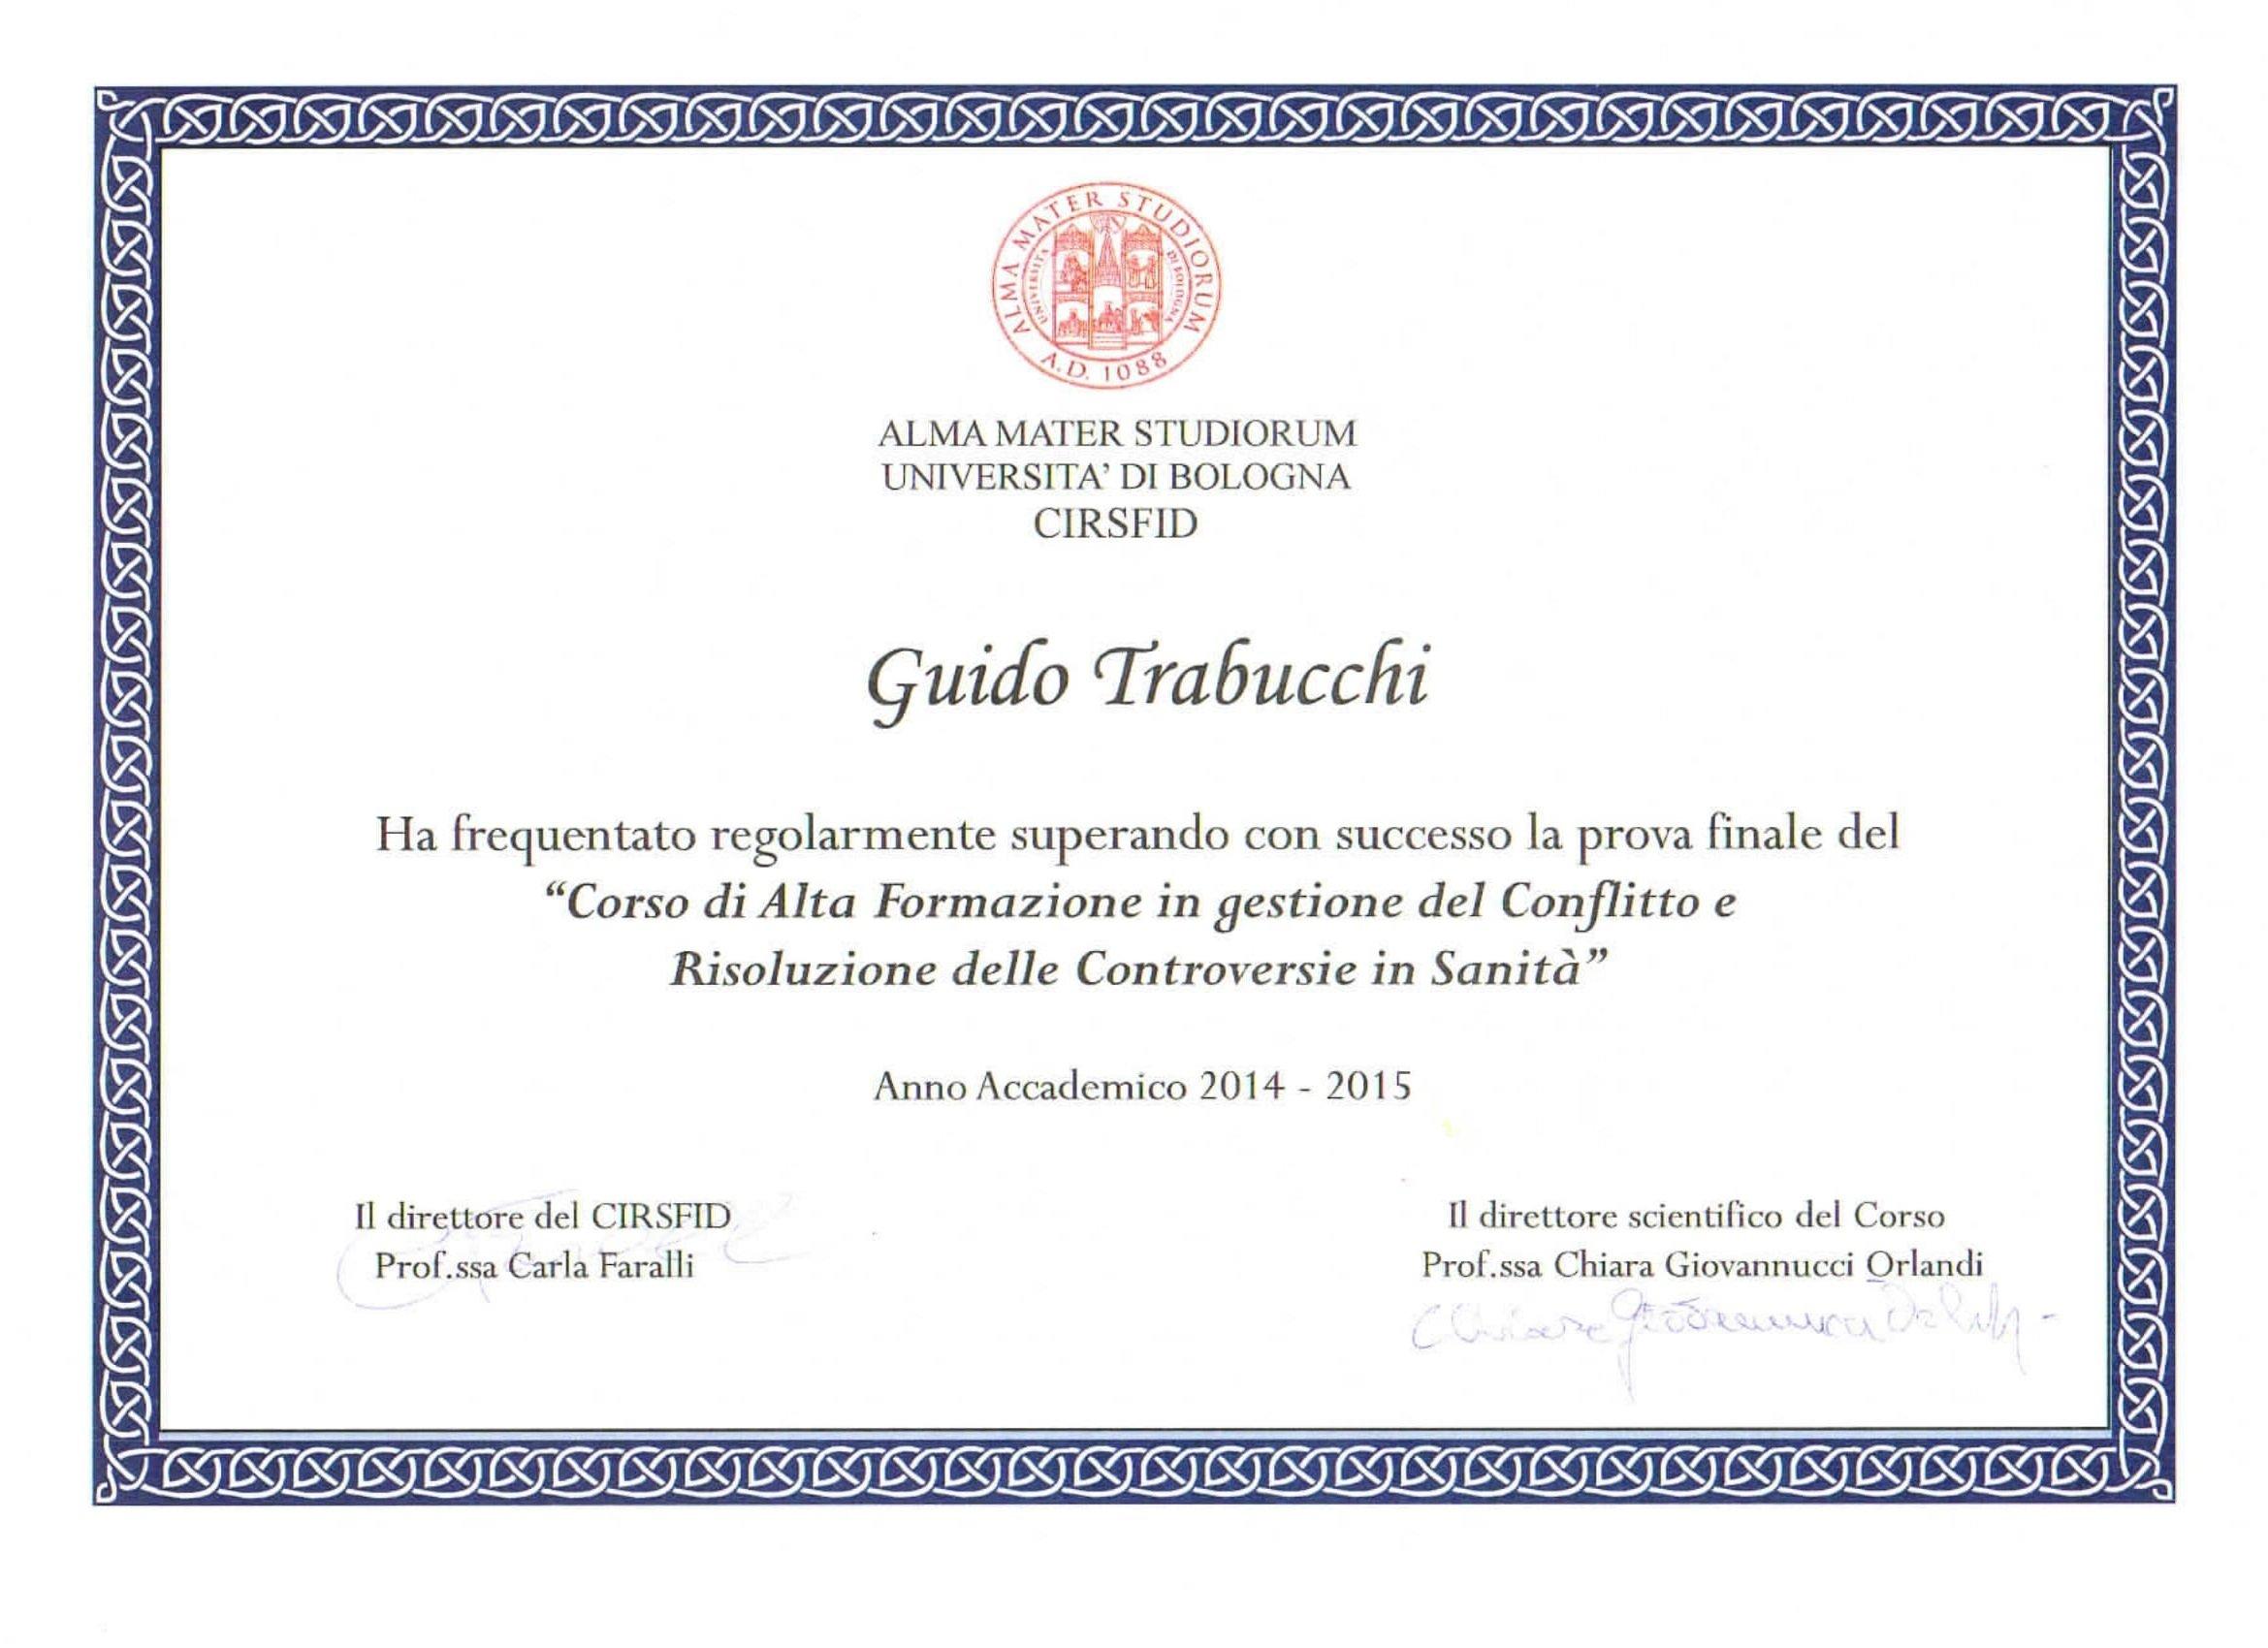 Attestato intestato a Guido Trabucchi